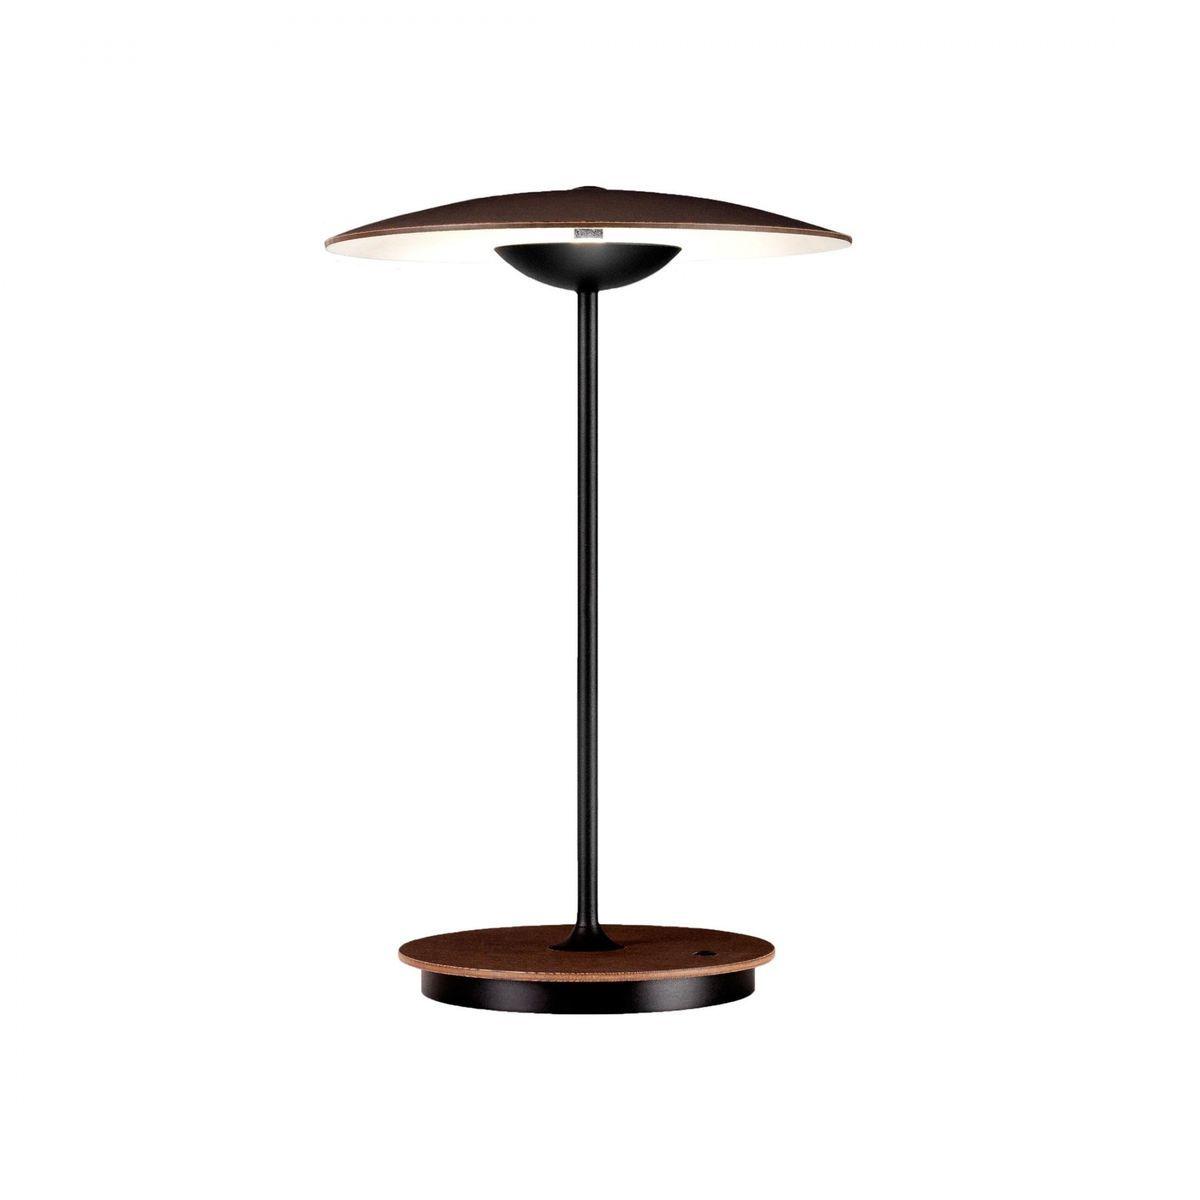 ginger 20 m lampe de table led marset luminaires. Black Bedroom Furniture Sets. Home Design Ideas